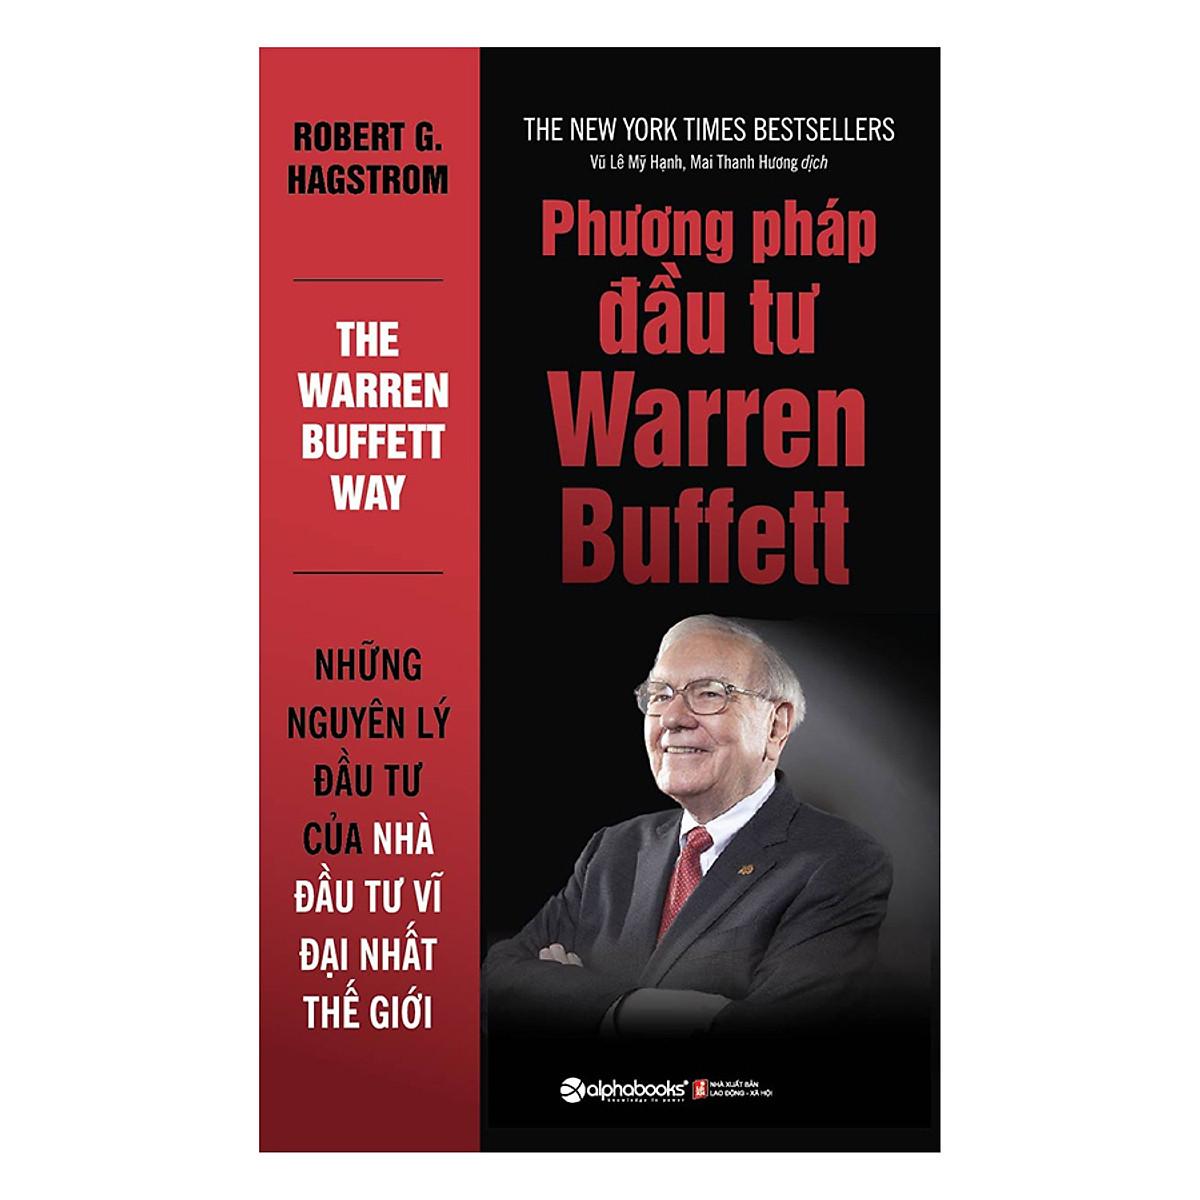 Combo 2 cuốn sách: Những Bài Học Đầu Tư Từ Warren Buffett  + Phương Pháp Đầu Tư Từ Warren Buffett